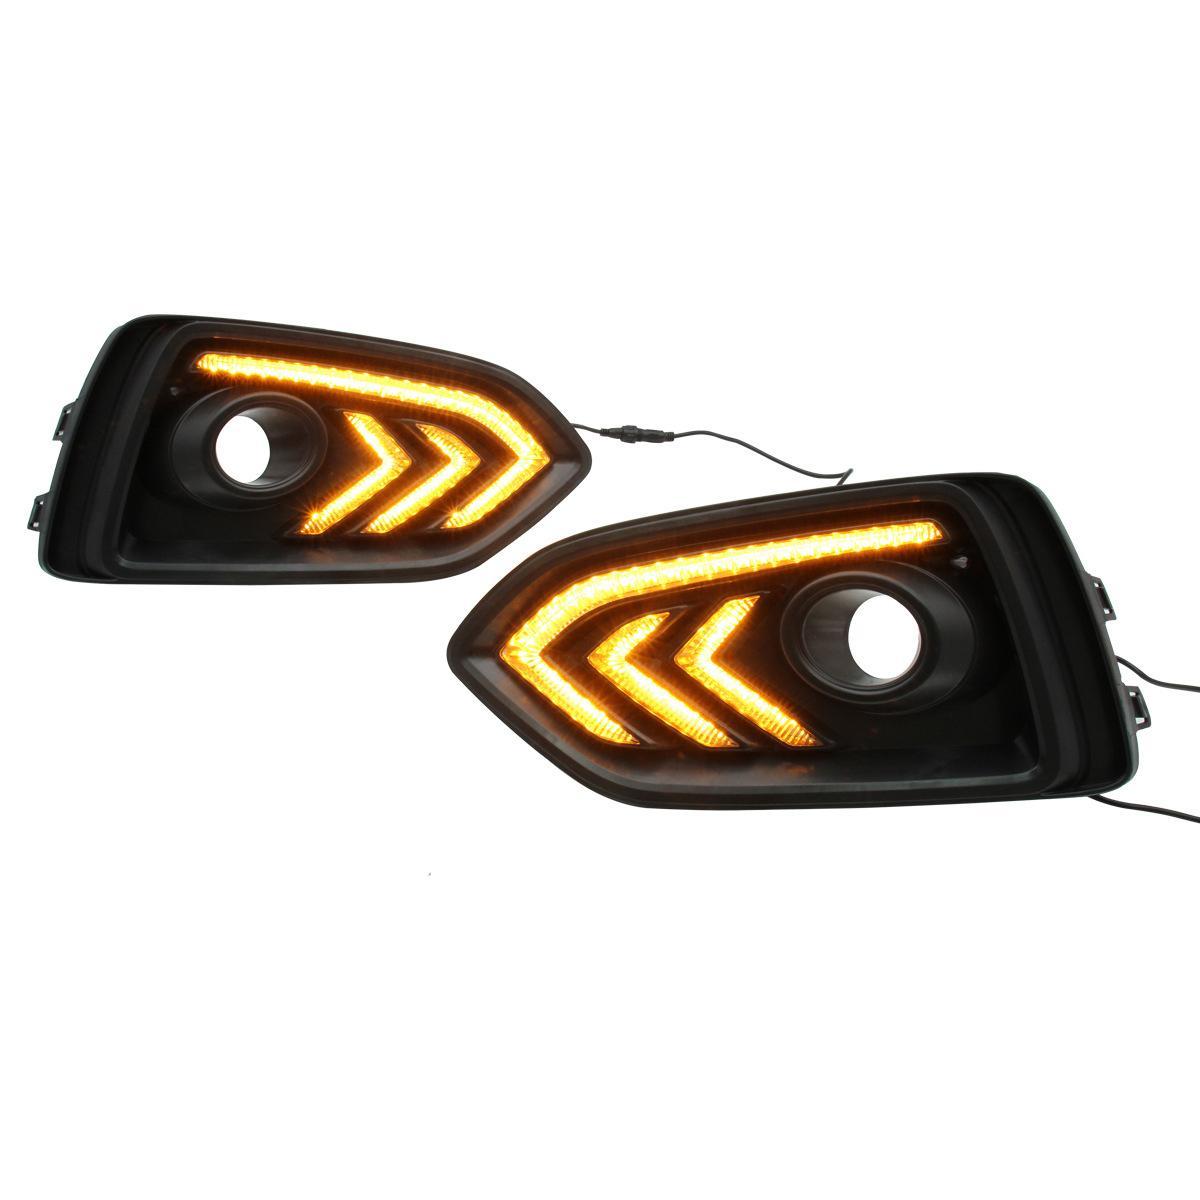 Автомобильные фонари заднего бампера на 2017-2018 годы Hyundai Accent LED Fog Light Light бегущие огни DRL тумана